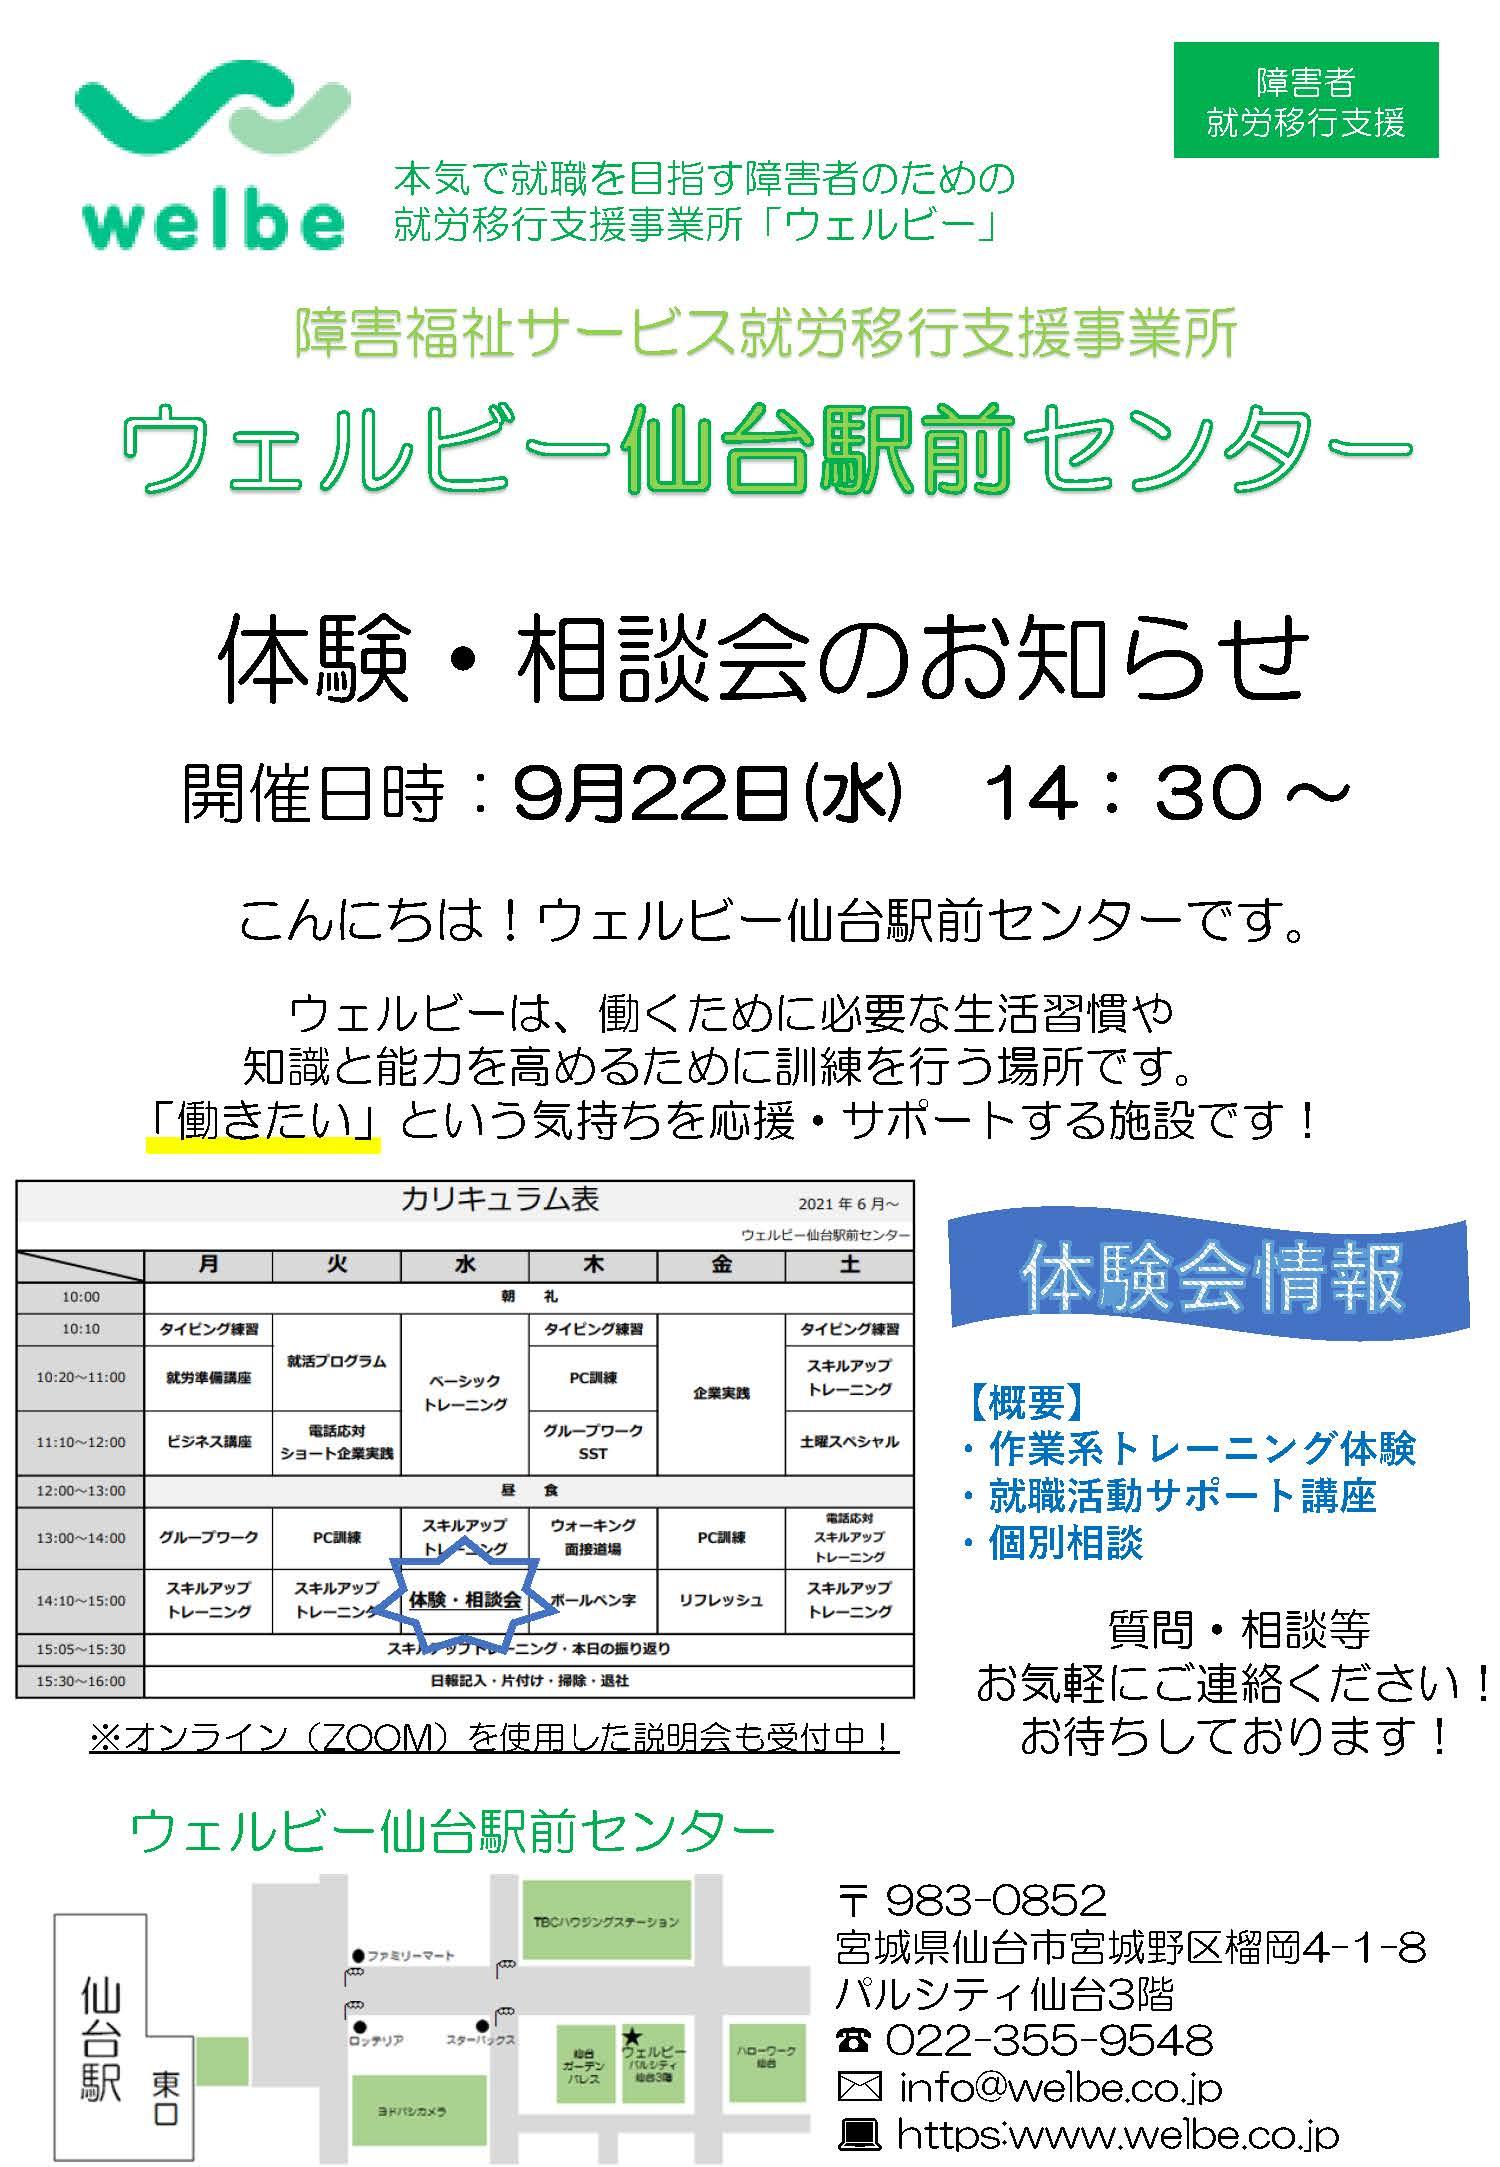 ウェルビー仙台駅前センターデータ①_202109「体験・相談会」お知らせチラシ